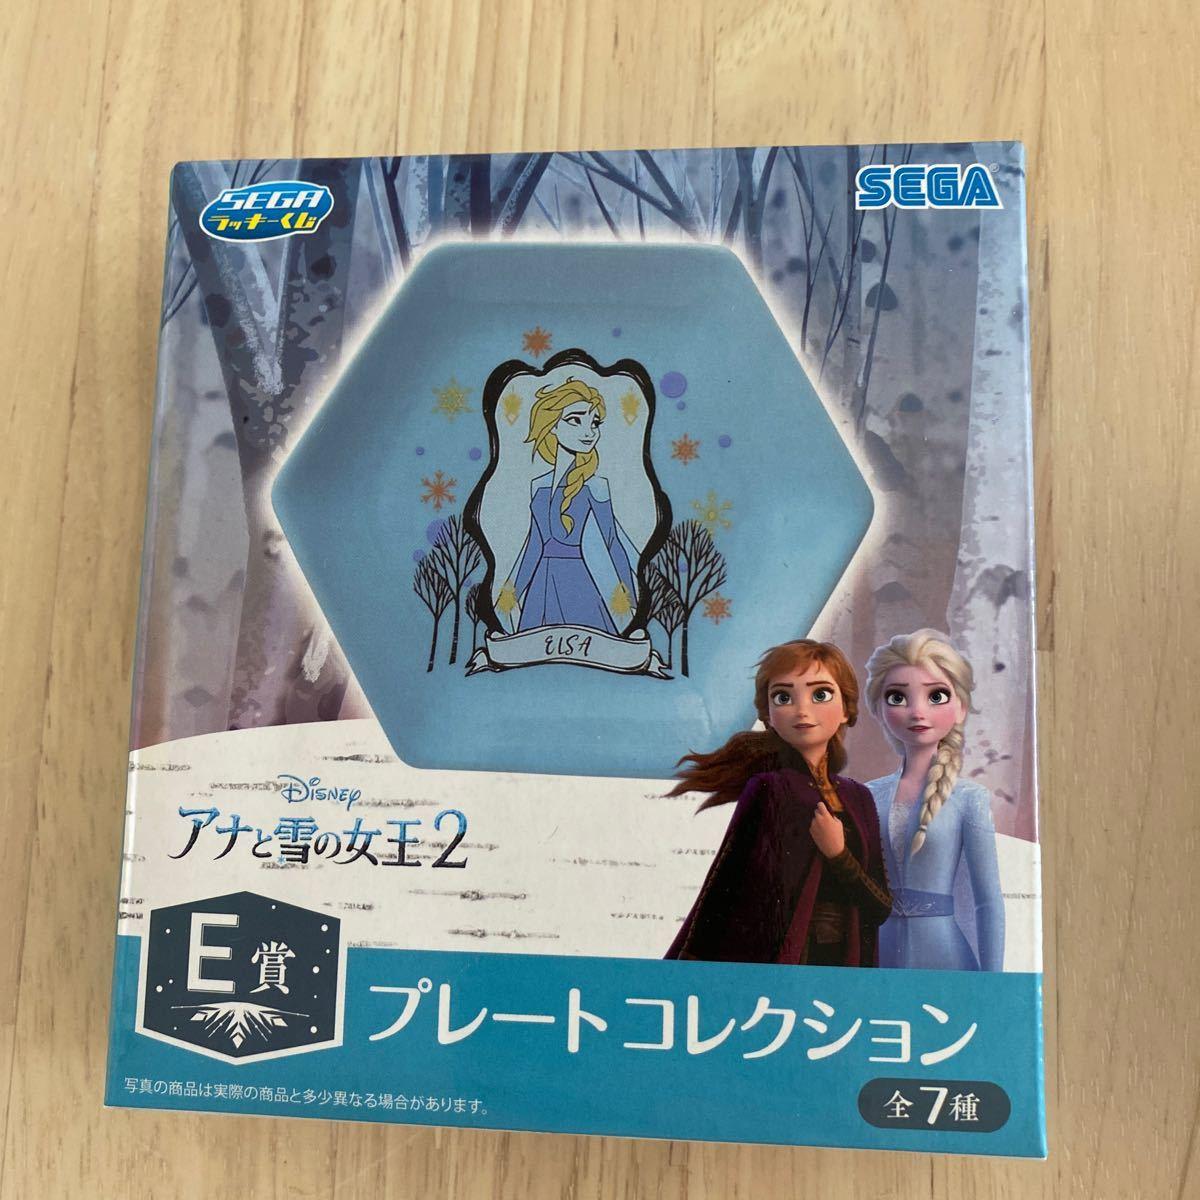 アナと雪の女王2 プレートコレクション